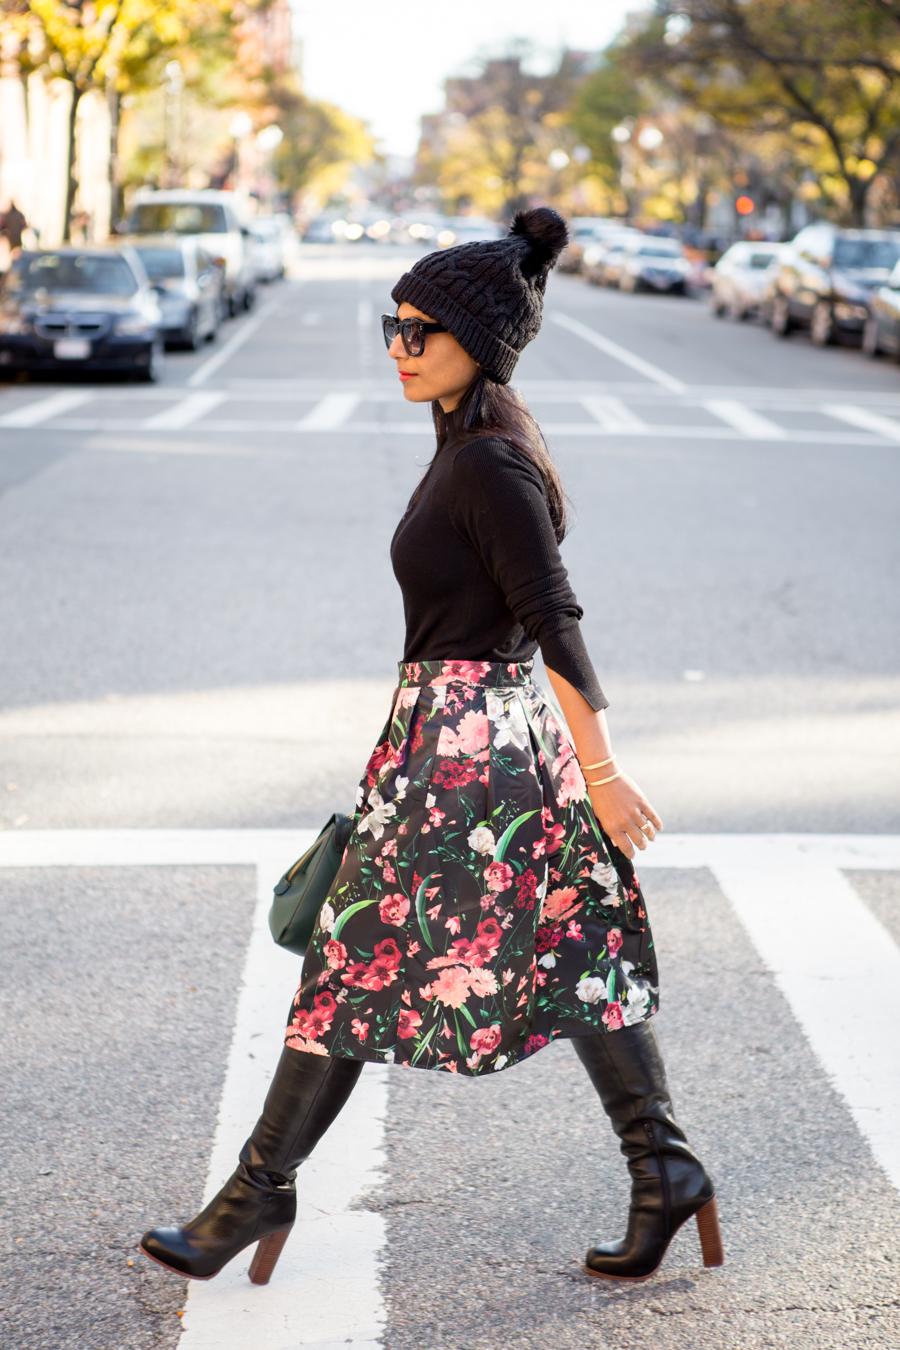 Boston Street Style: Boston Fashion, Boston Style 90